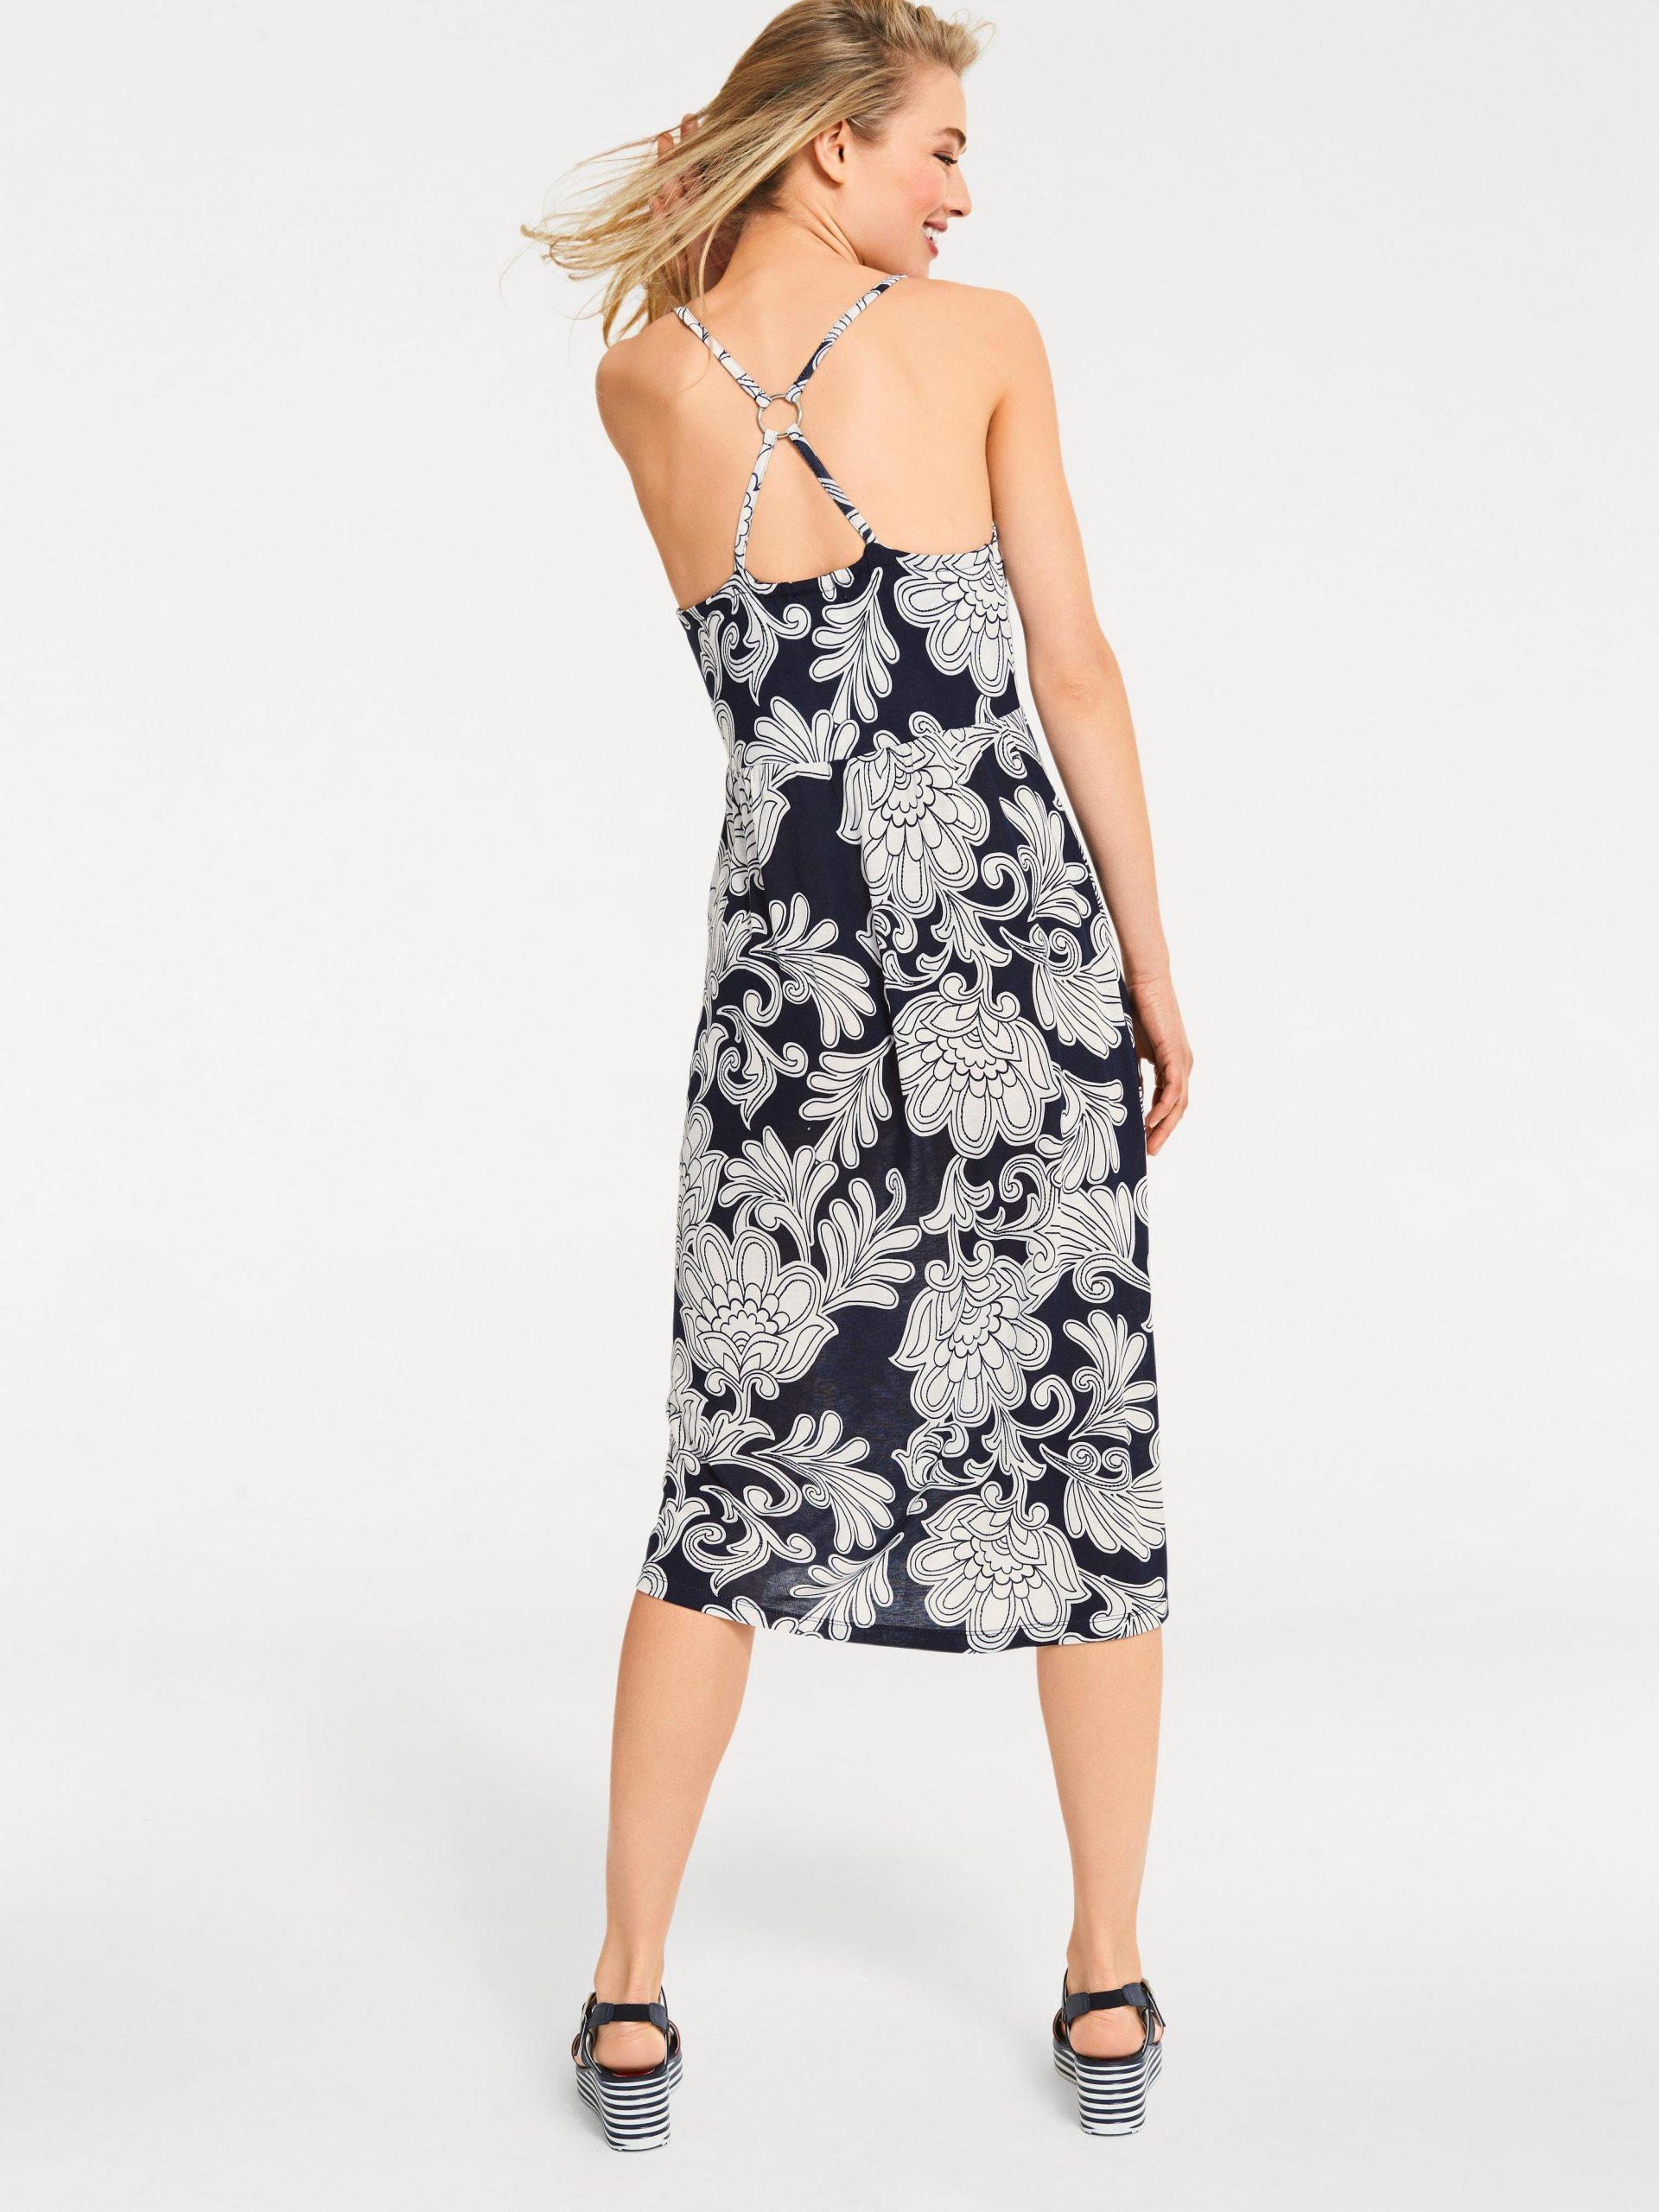 17 Top Heine Damen Abendkleider Vertrieb Luxus Heine Damen Abendkleider Galerie